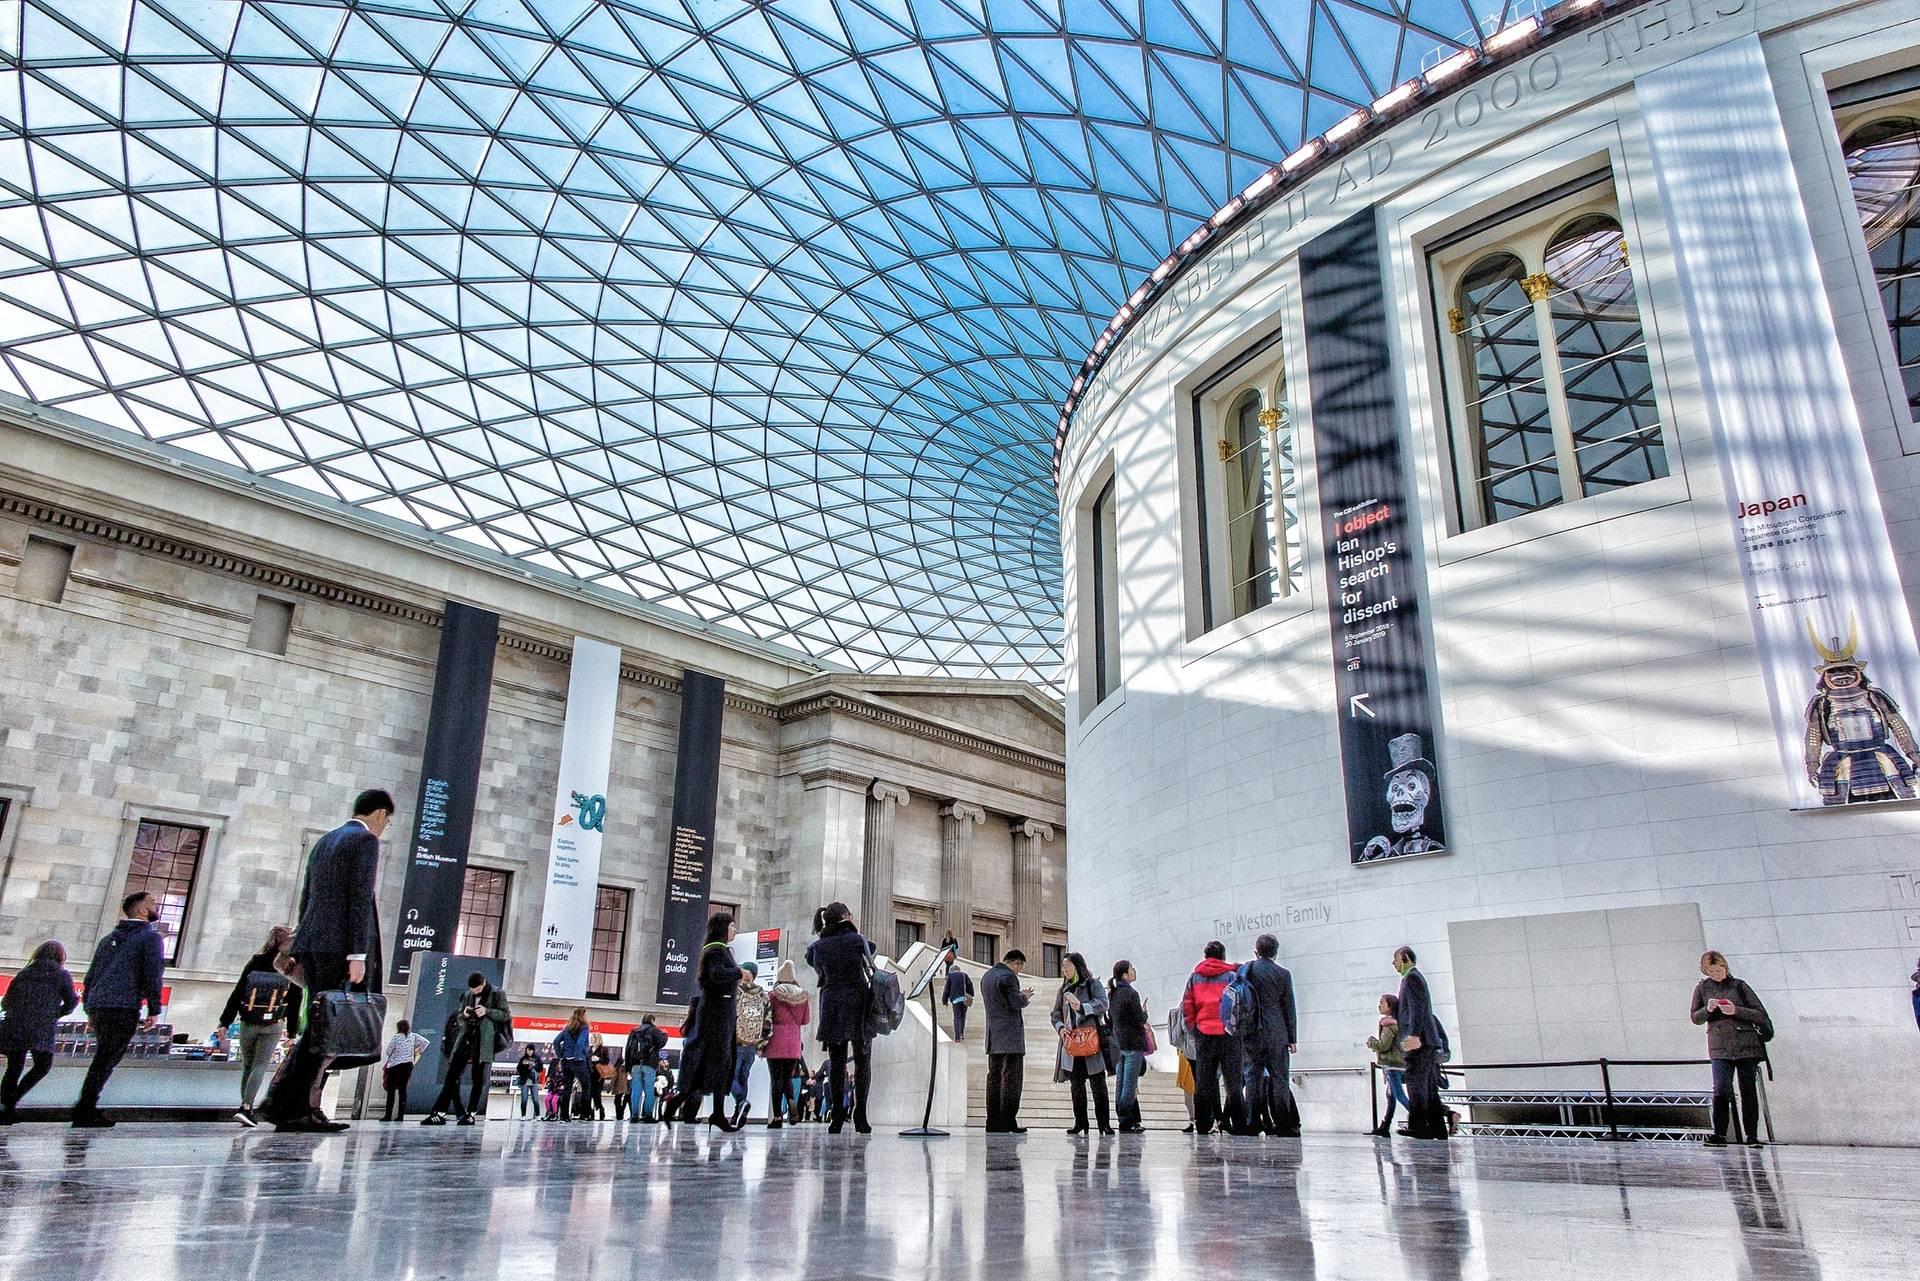 Une visite guidée du musée British Museum au coeur de Londres